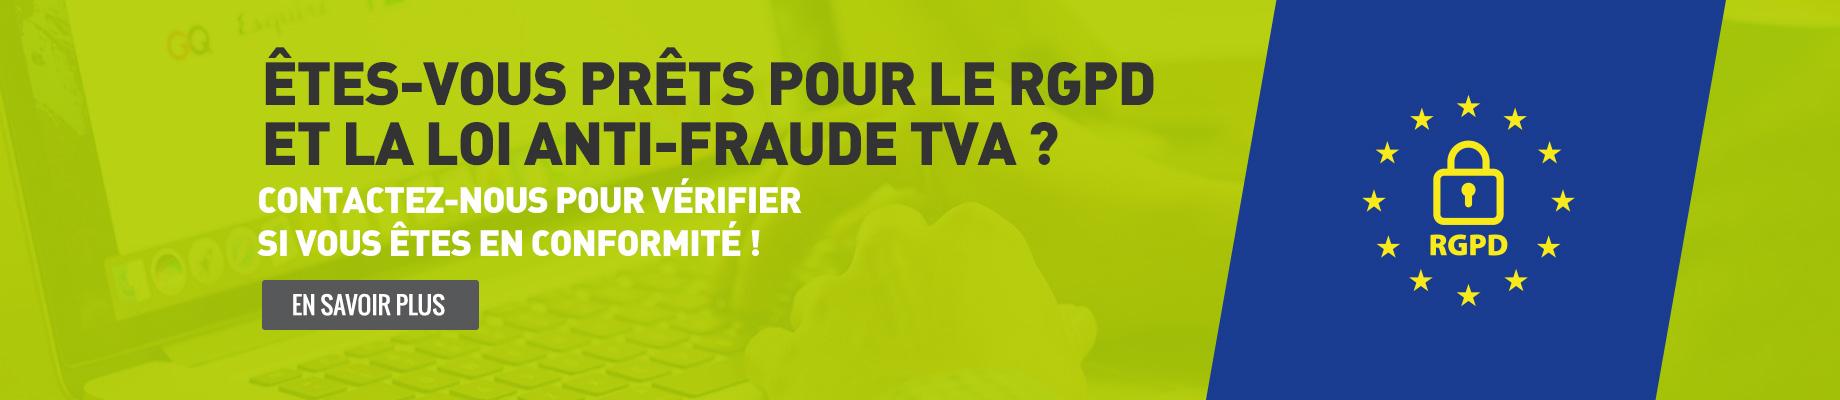 Bannière_RGPD